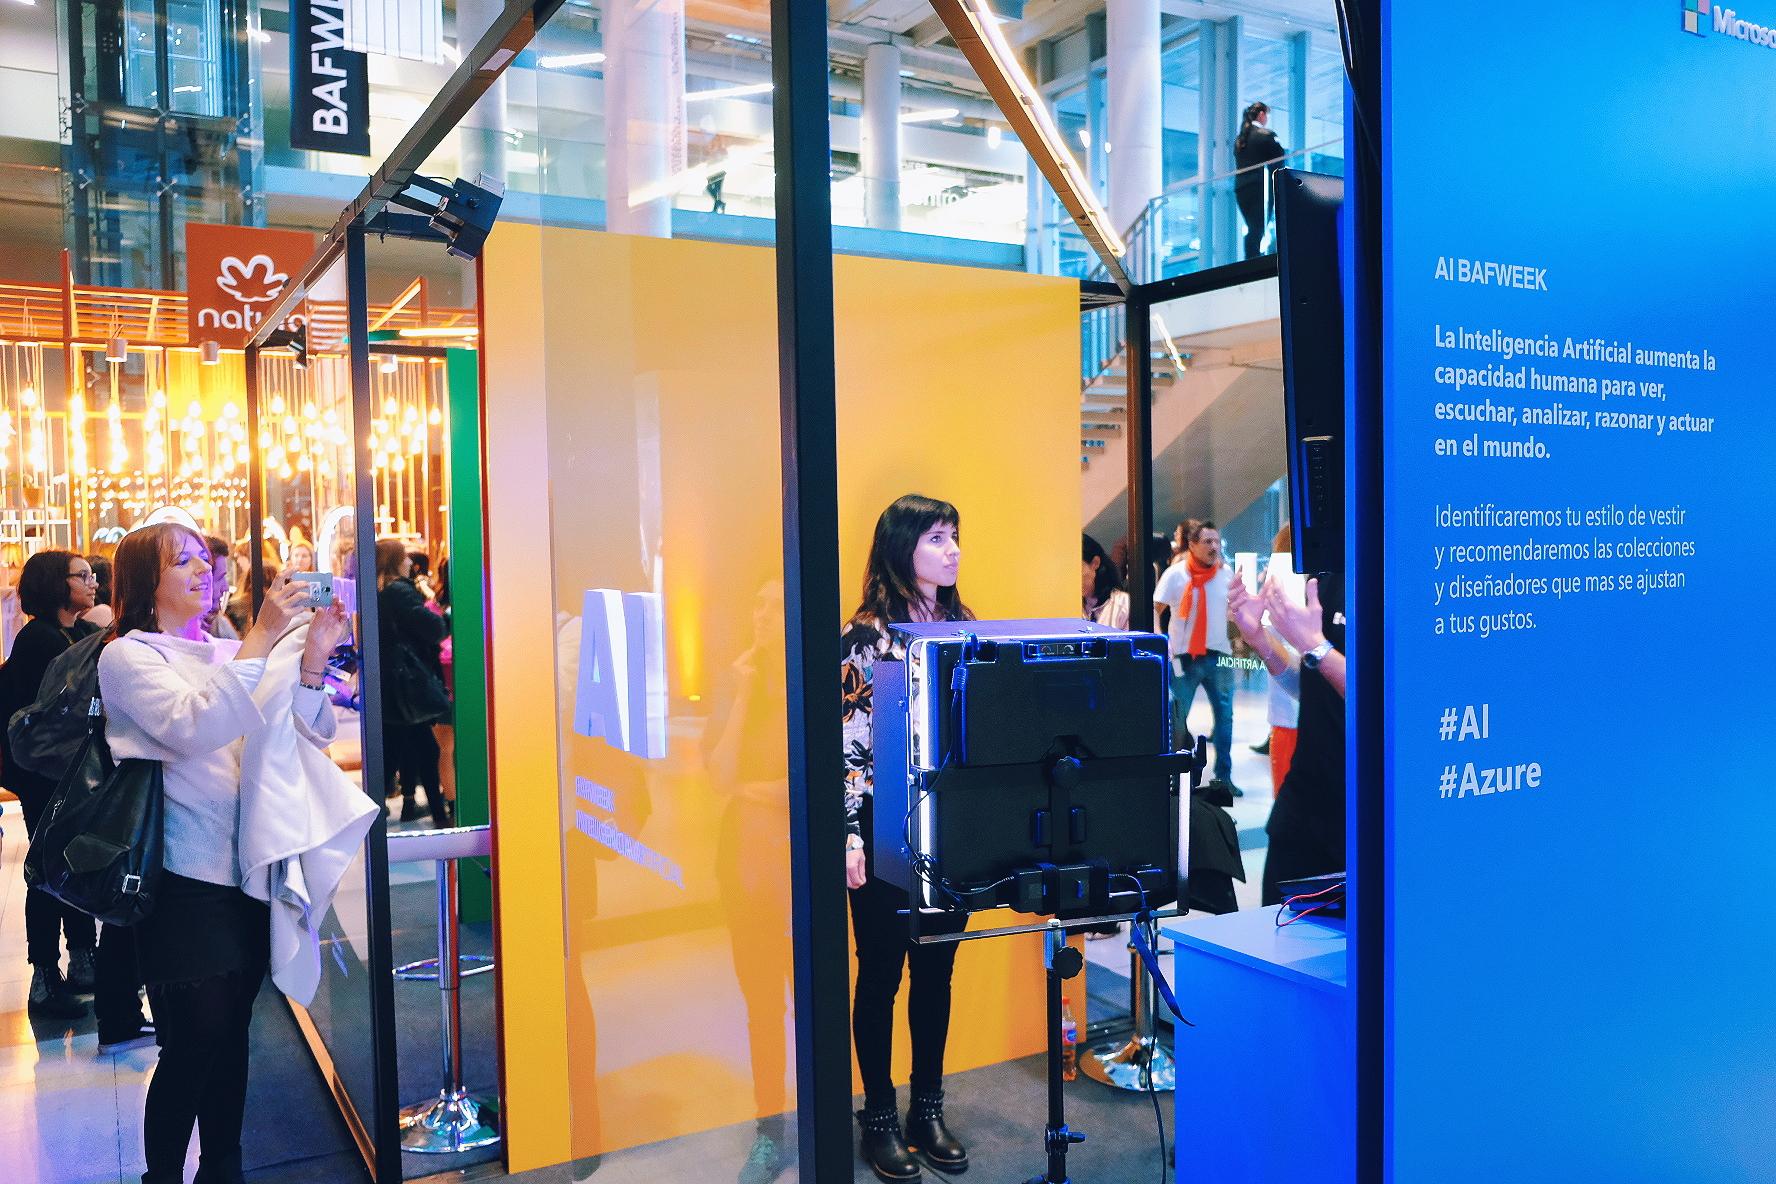 La IA de Microsoft en la Bafweek 2018